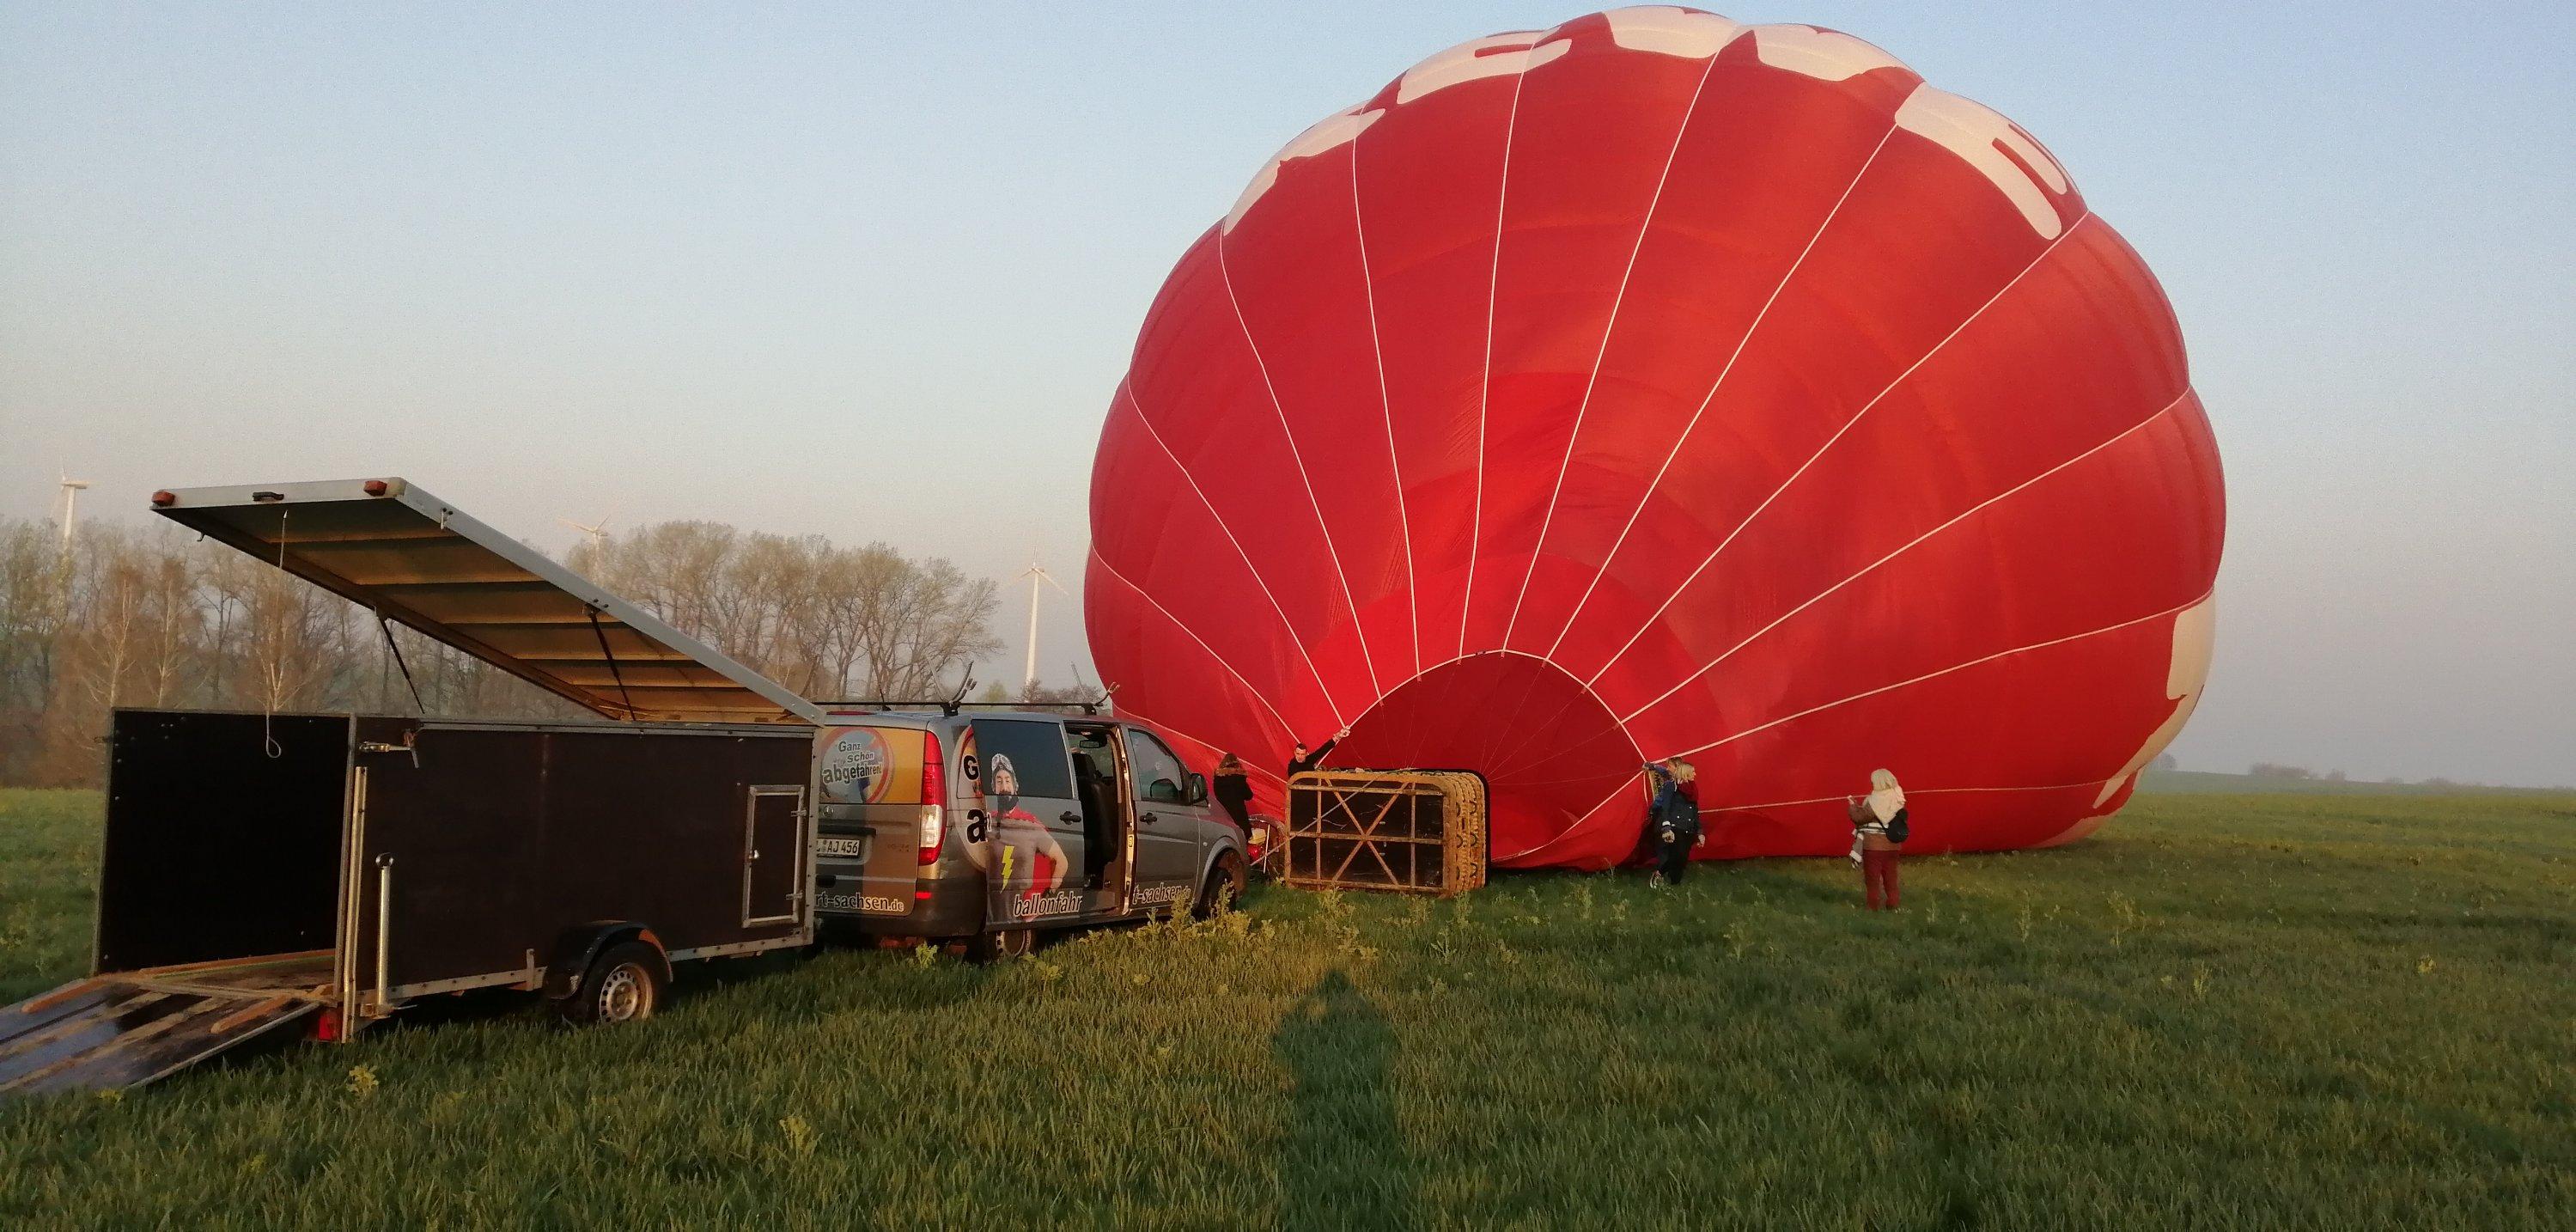 Aufbau Startvorbereitung für Ballonstart Sonnenaufgang in Döbeln. Ballonfahrt Sachsen Ballonscheune Ballonabenteuer Ballonfahrten Ronny Lorenz